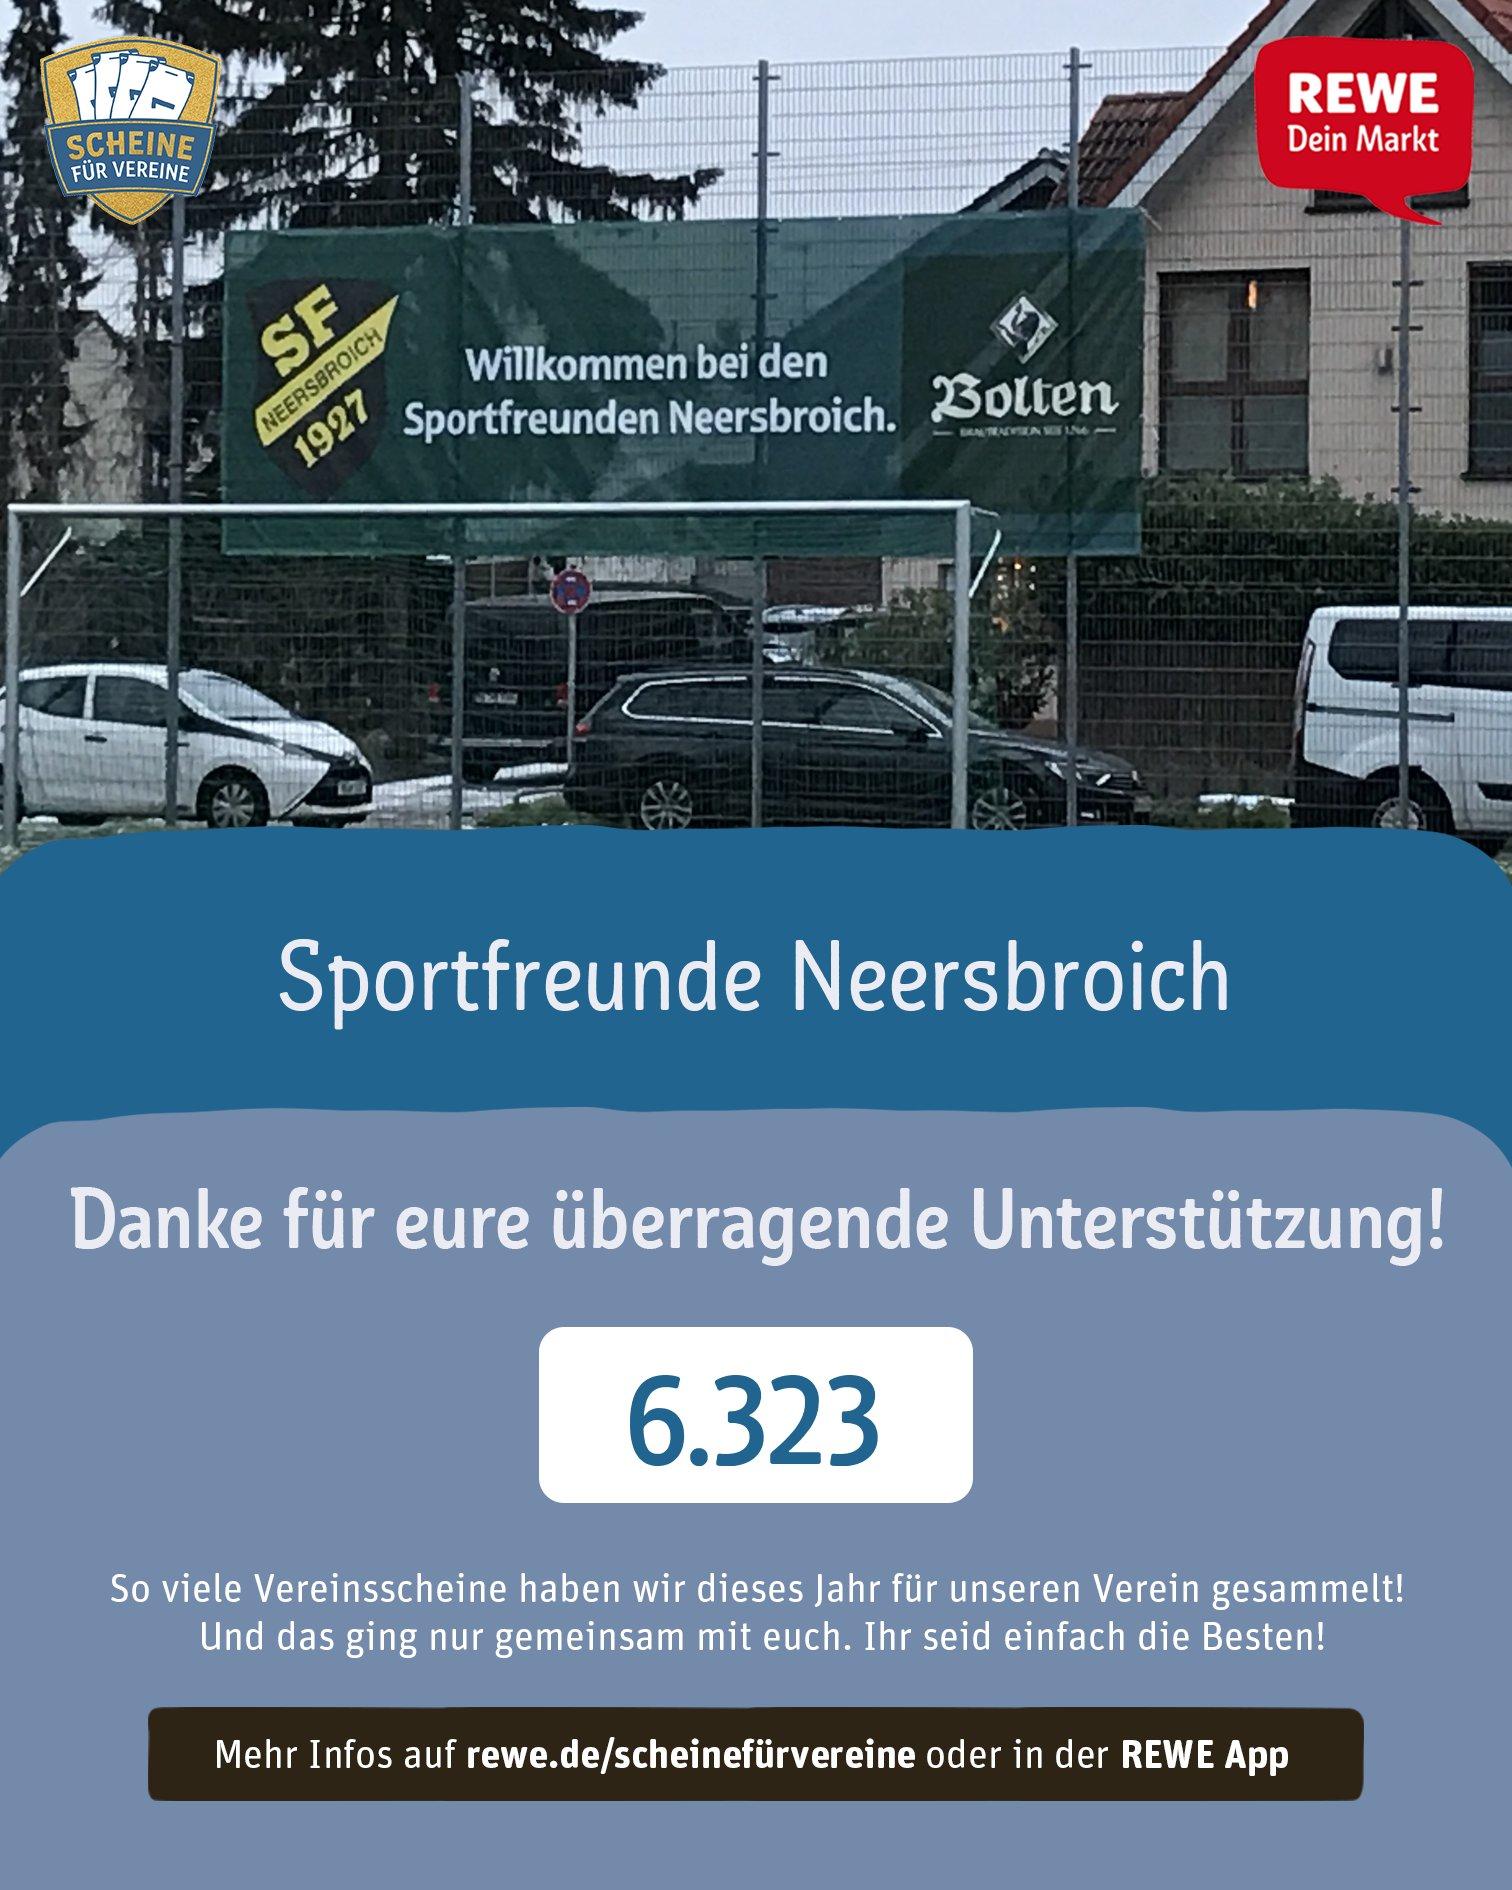 Danke schön – Scheine für Vereine